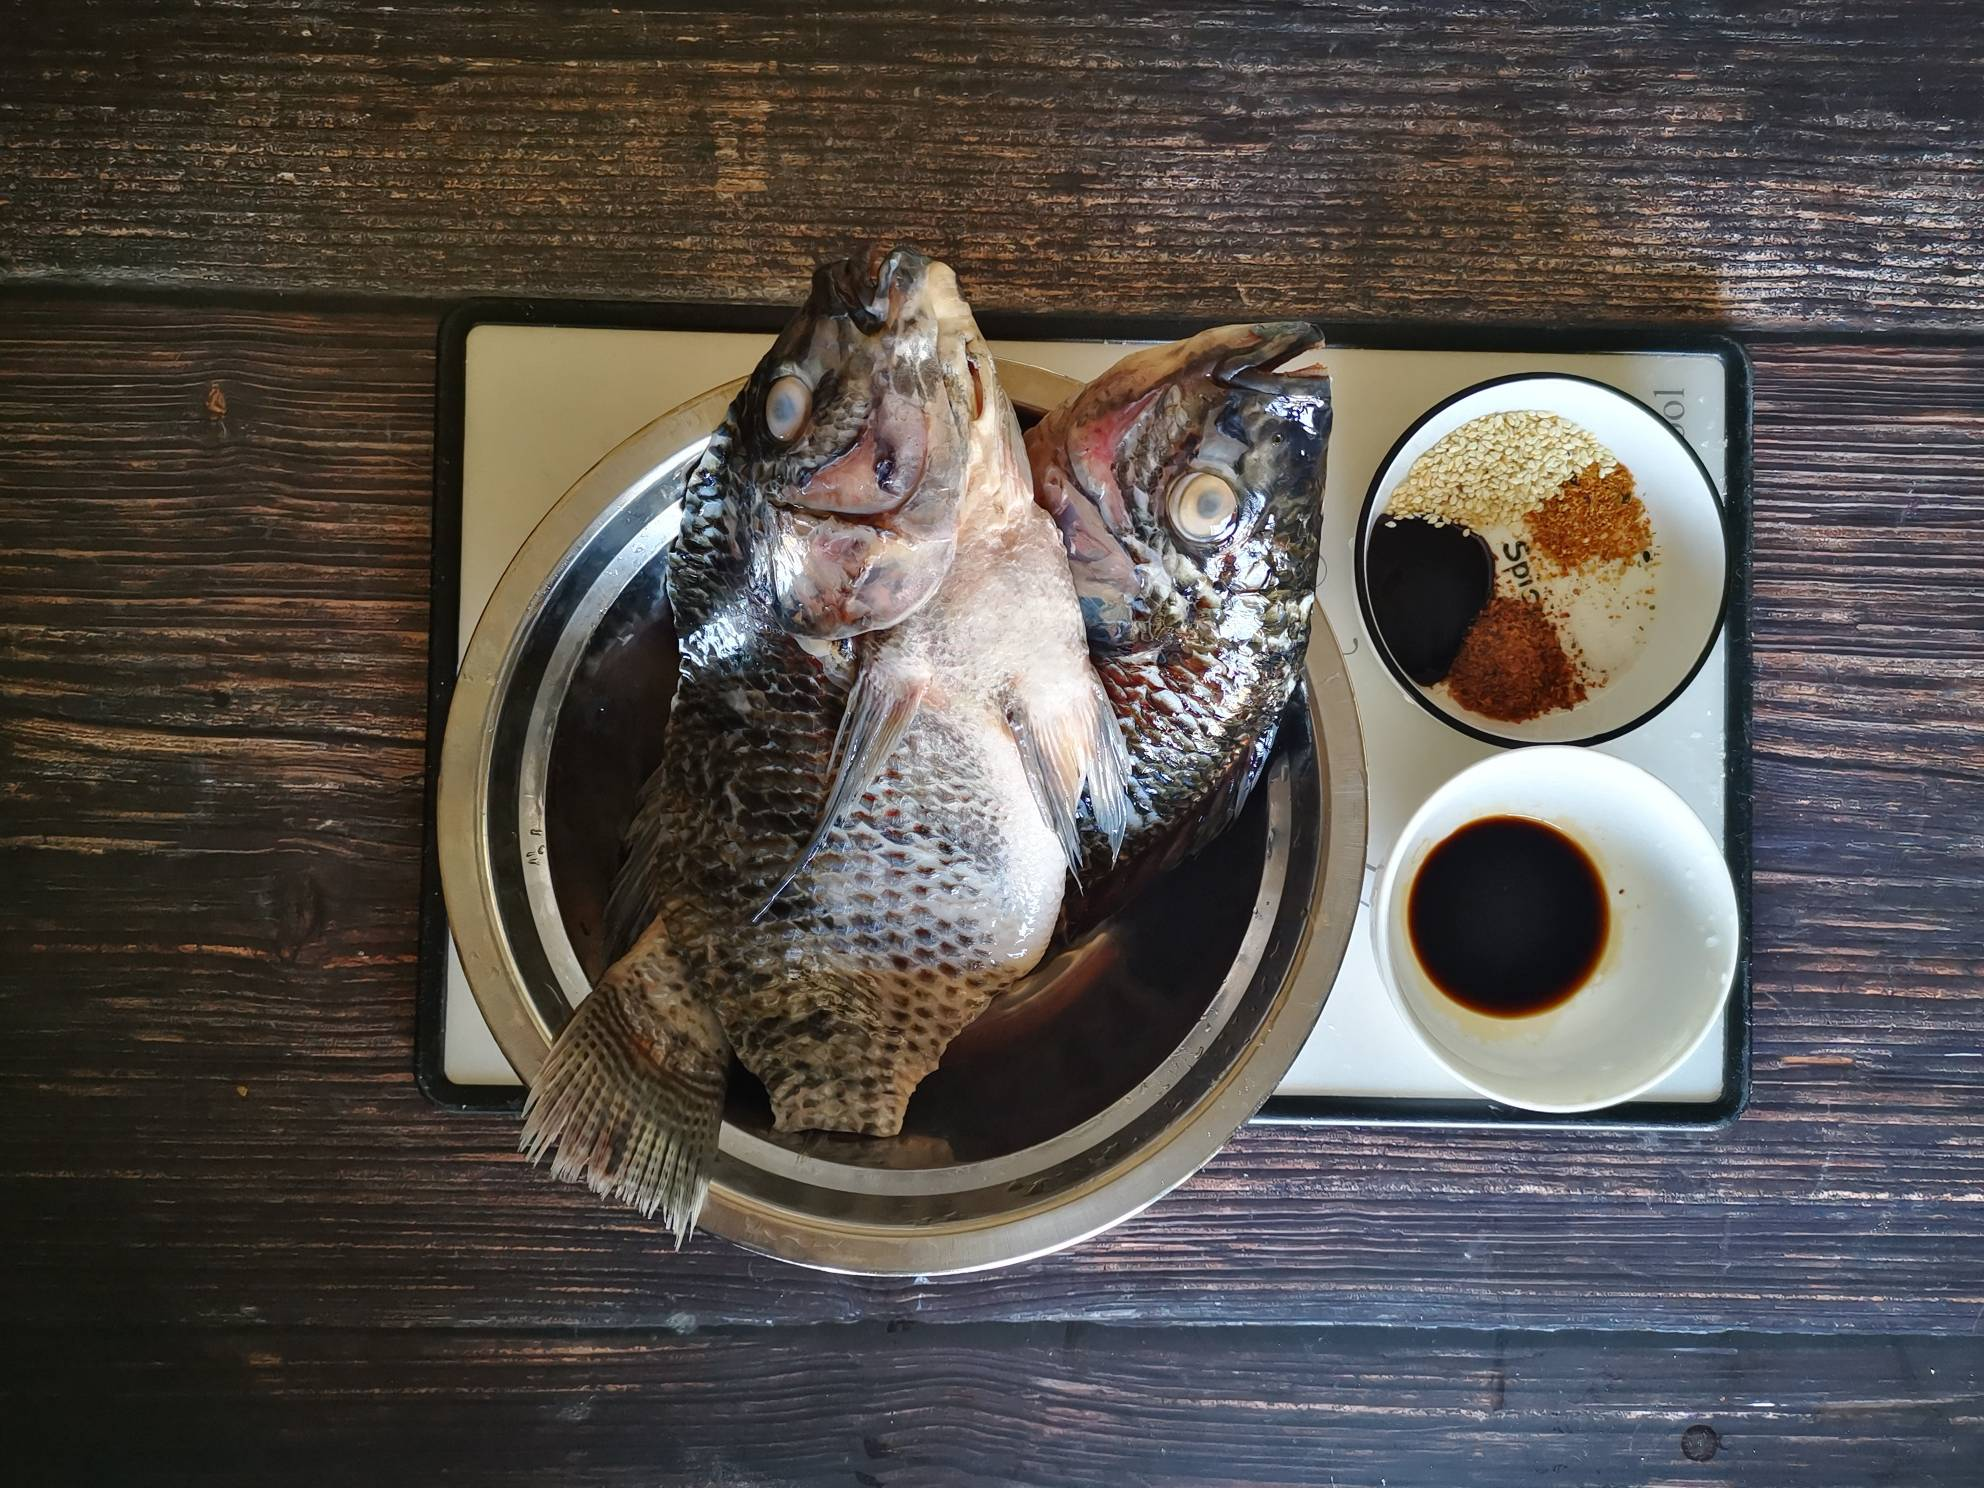 香烤罗非鱼的做法大全